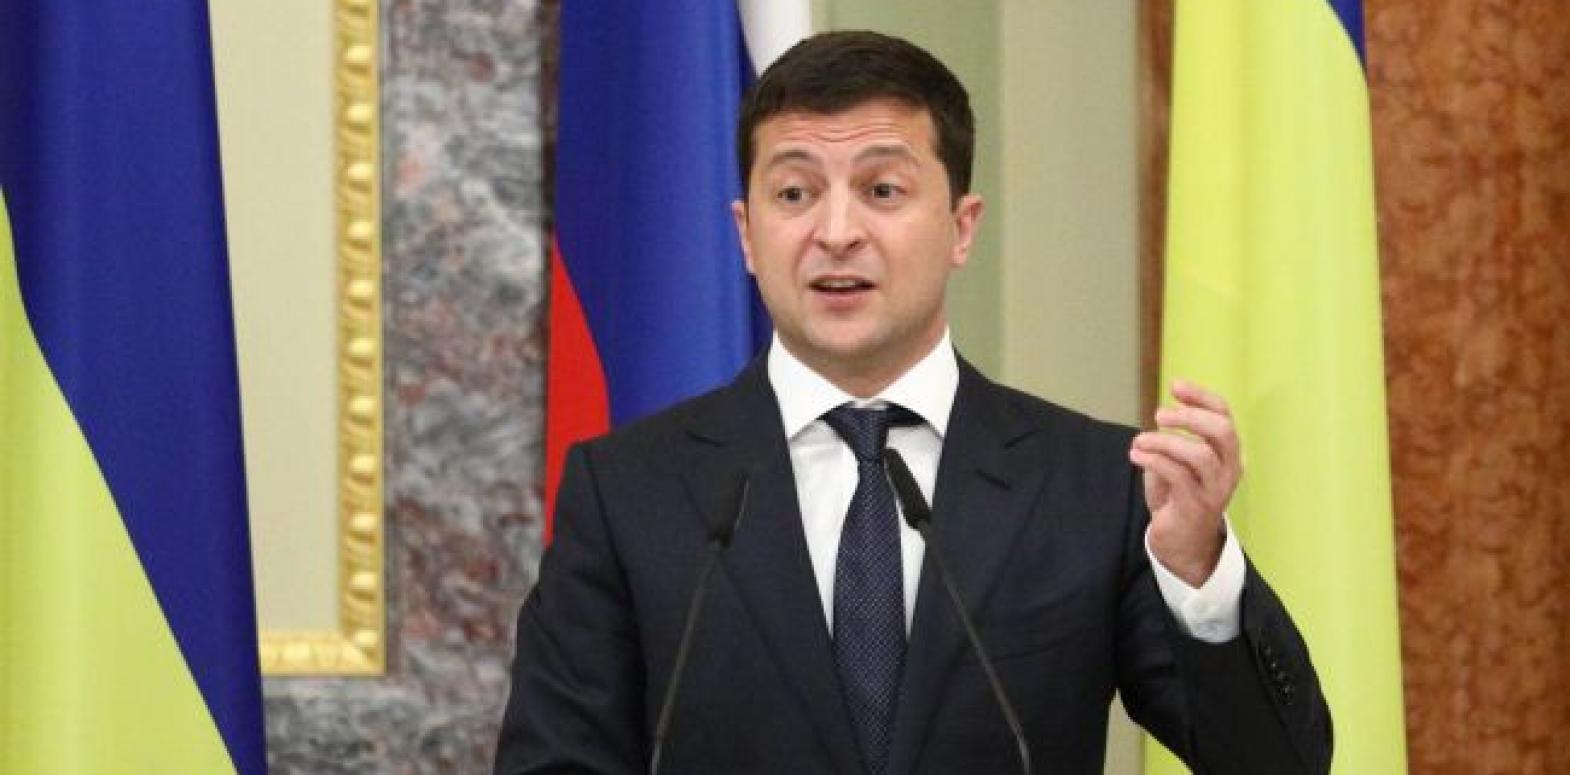 Зеленский выступил против продажи земли иностранцам